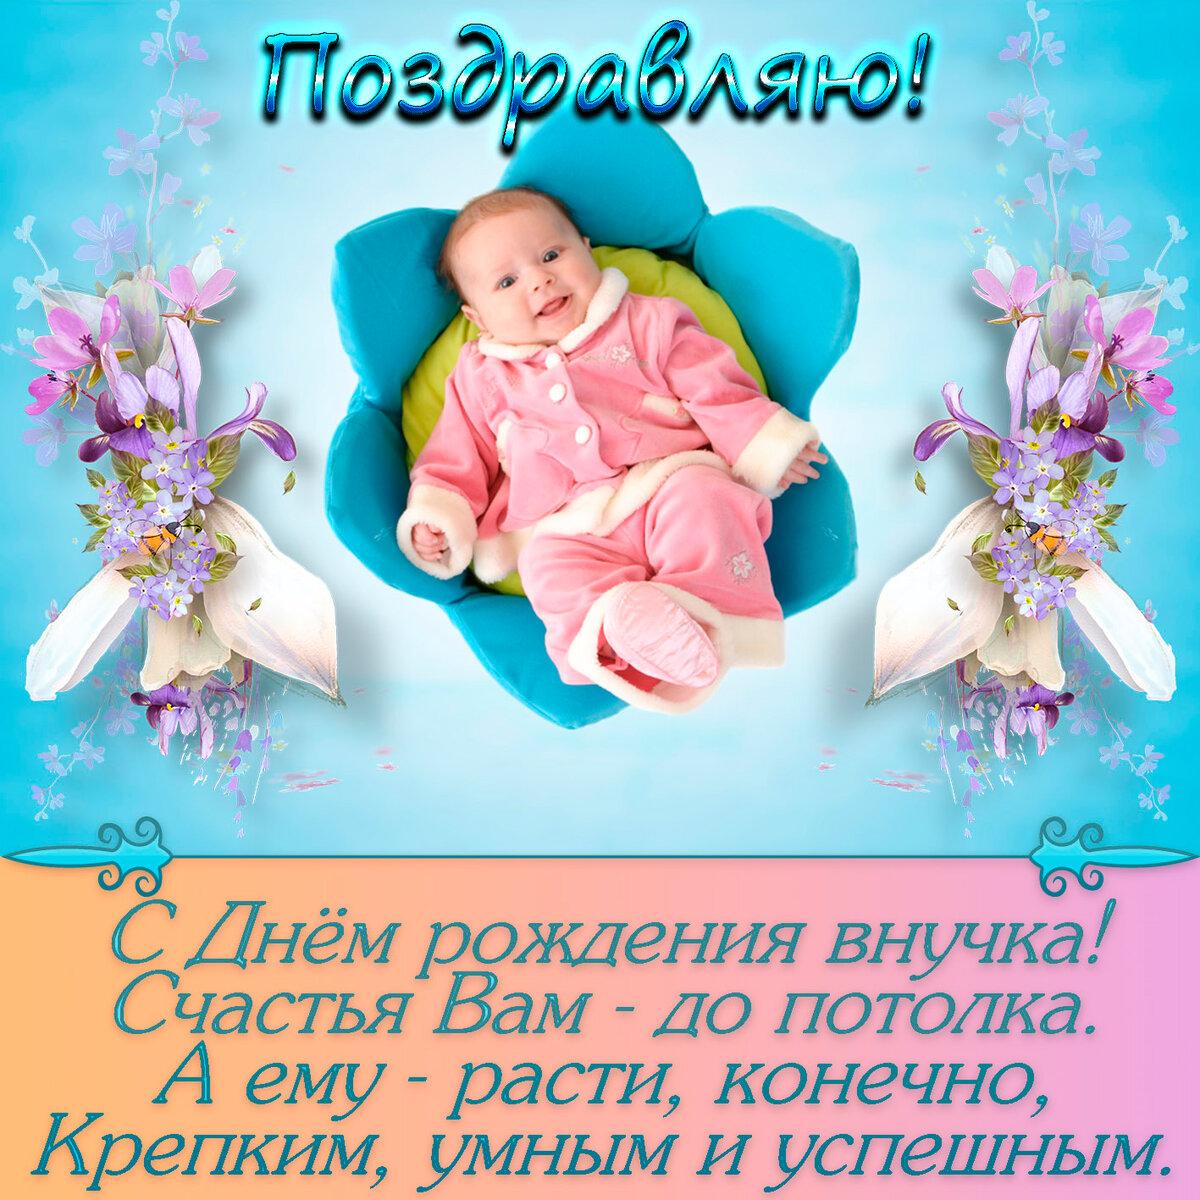 Поздравление учительнице при рождении ребенка